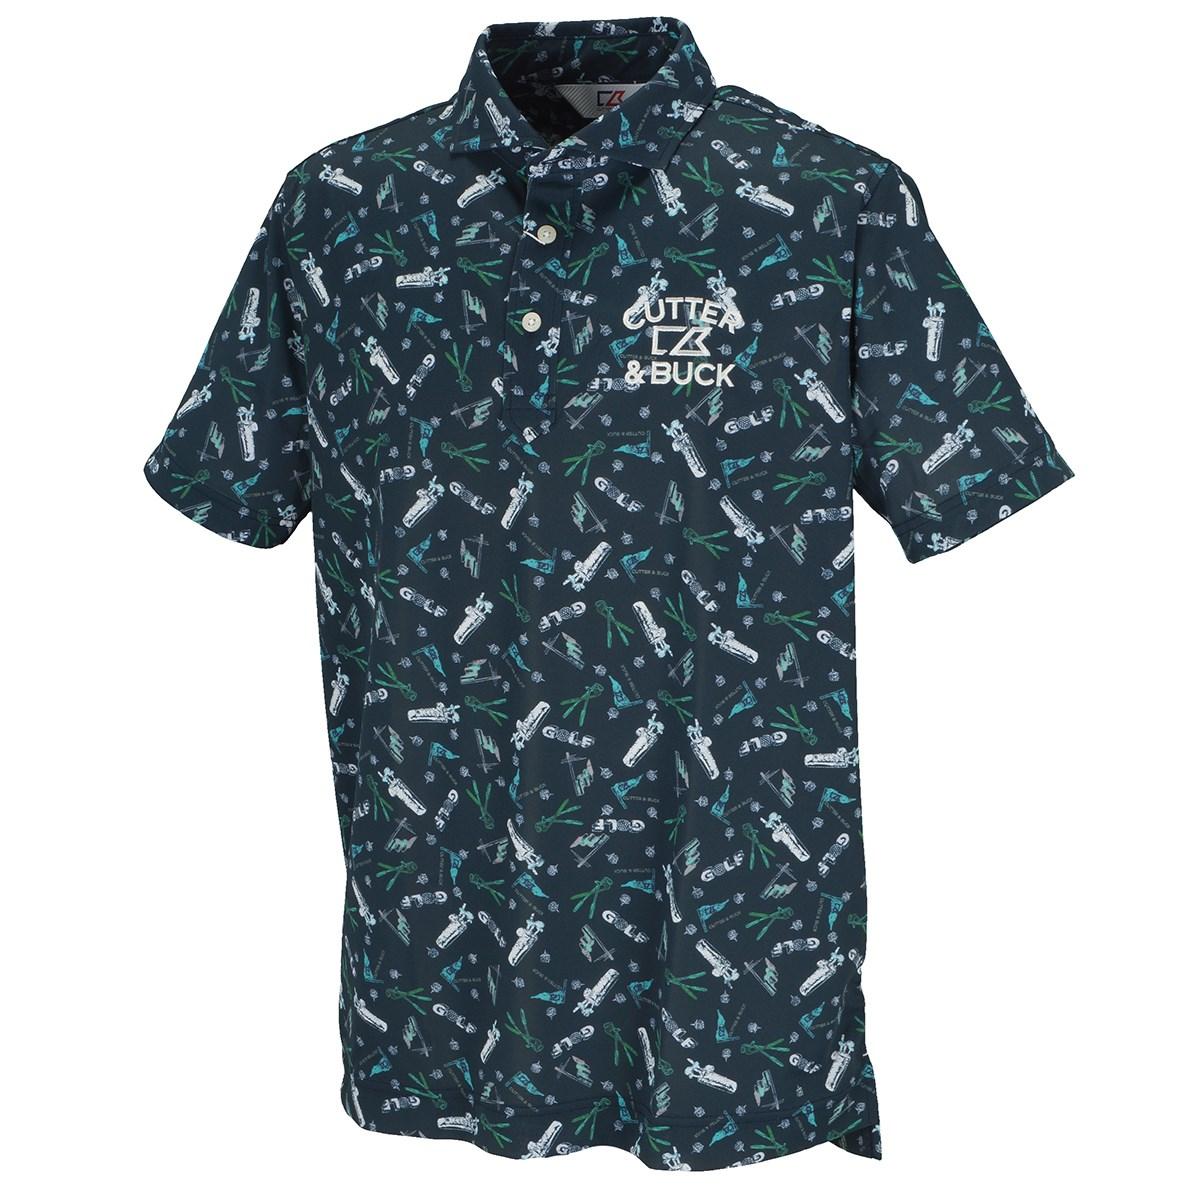 カッター&バック CUTTER&BUCK サンスクリーンゴルフプリントウインドカラー 半袖ニットポロシャツ M ネイビー 00